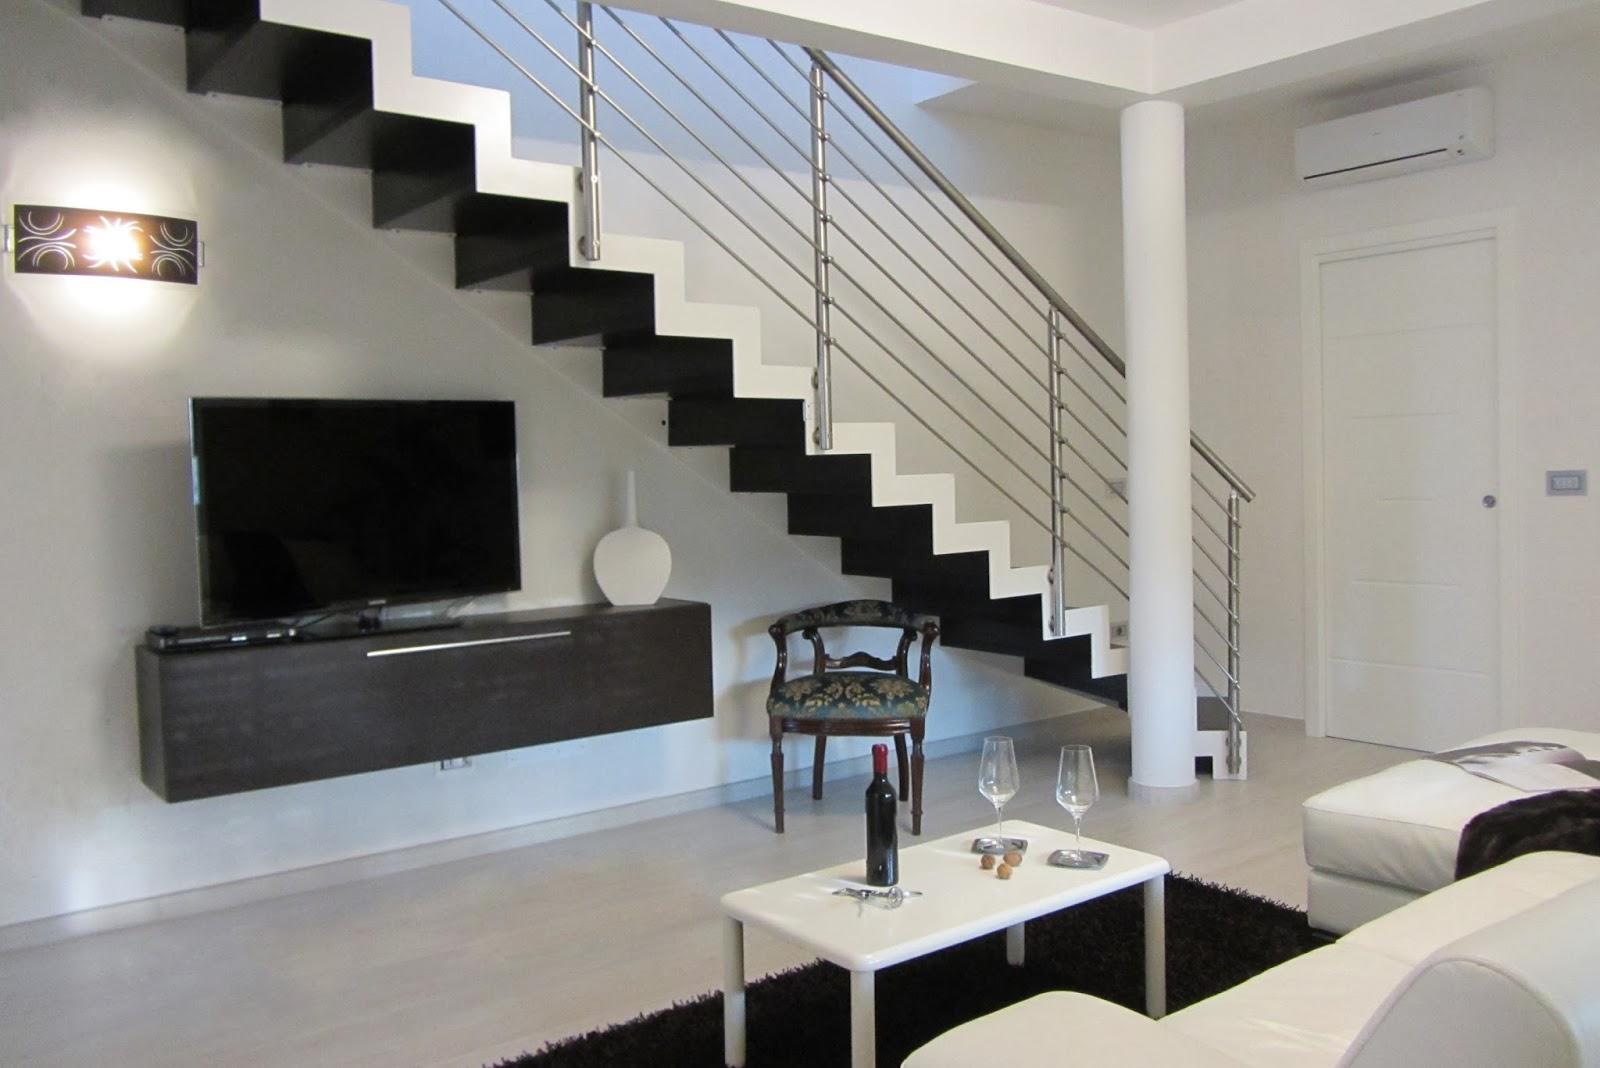 sala con escalera salas con estilo